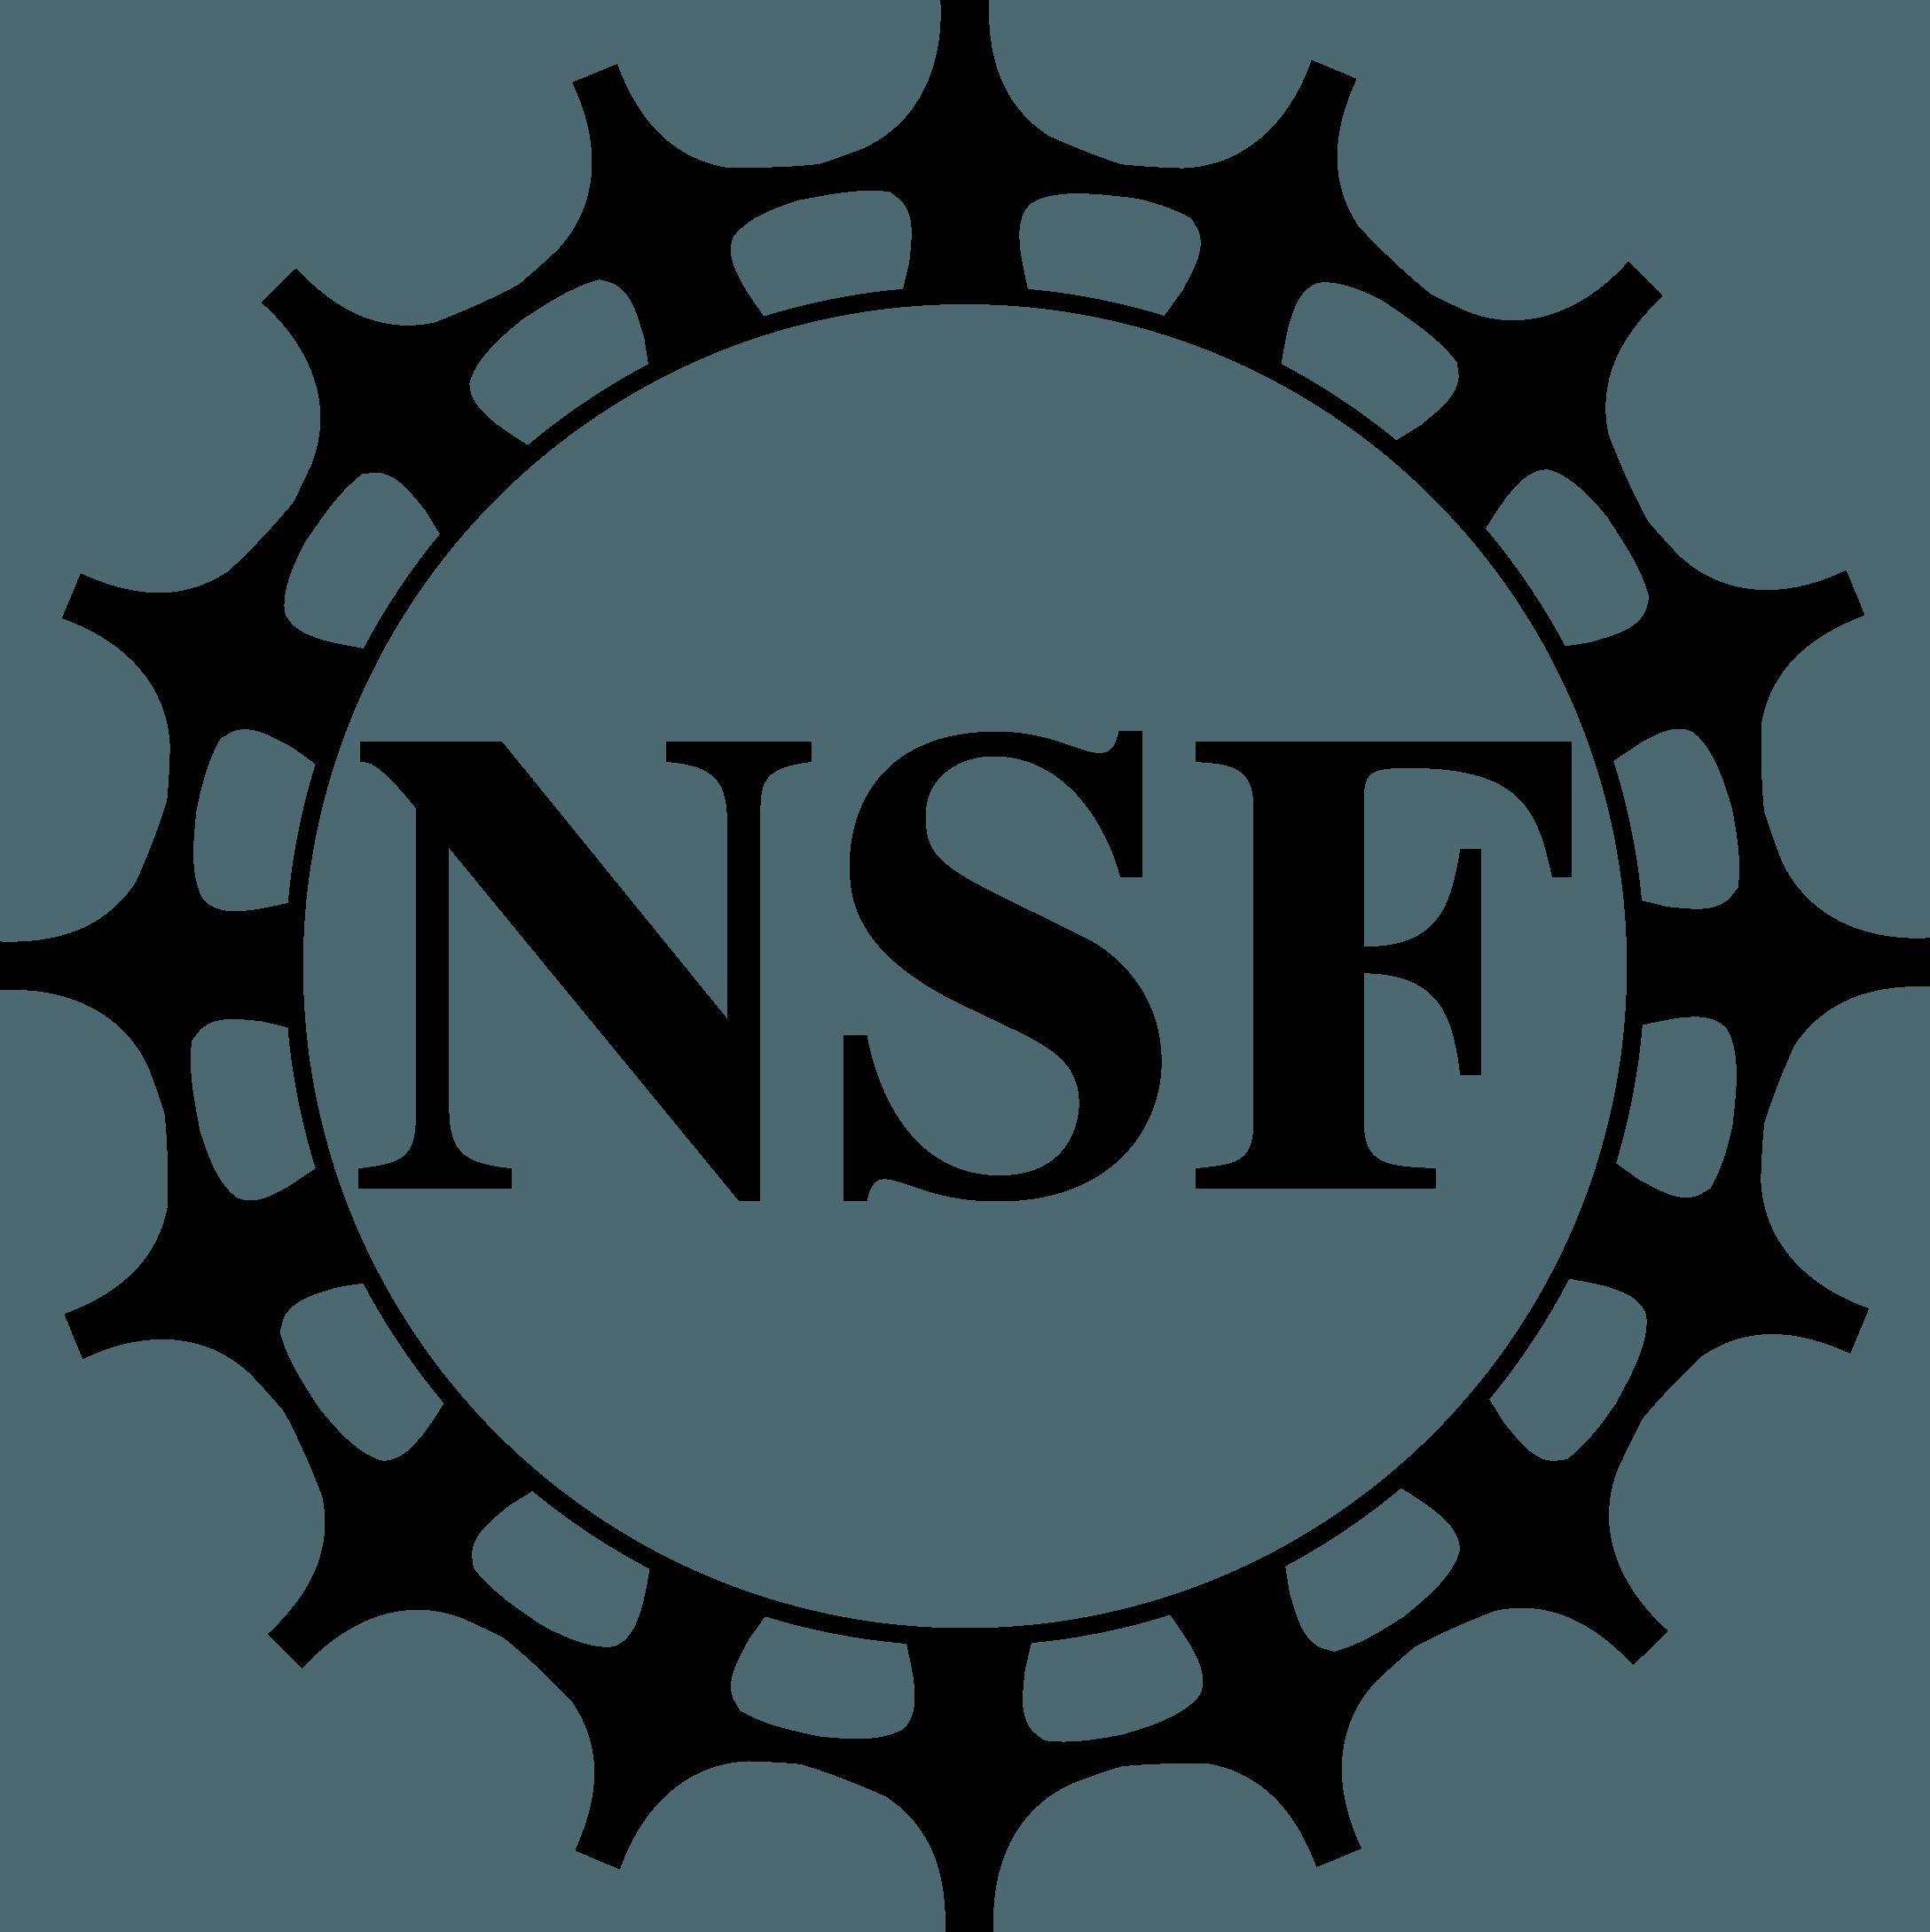 NSF Logo png